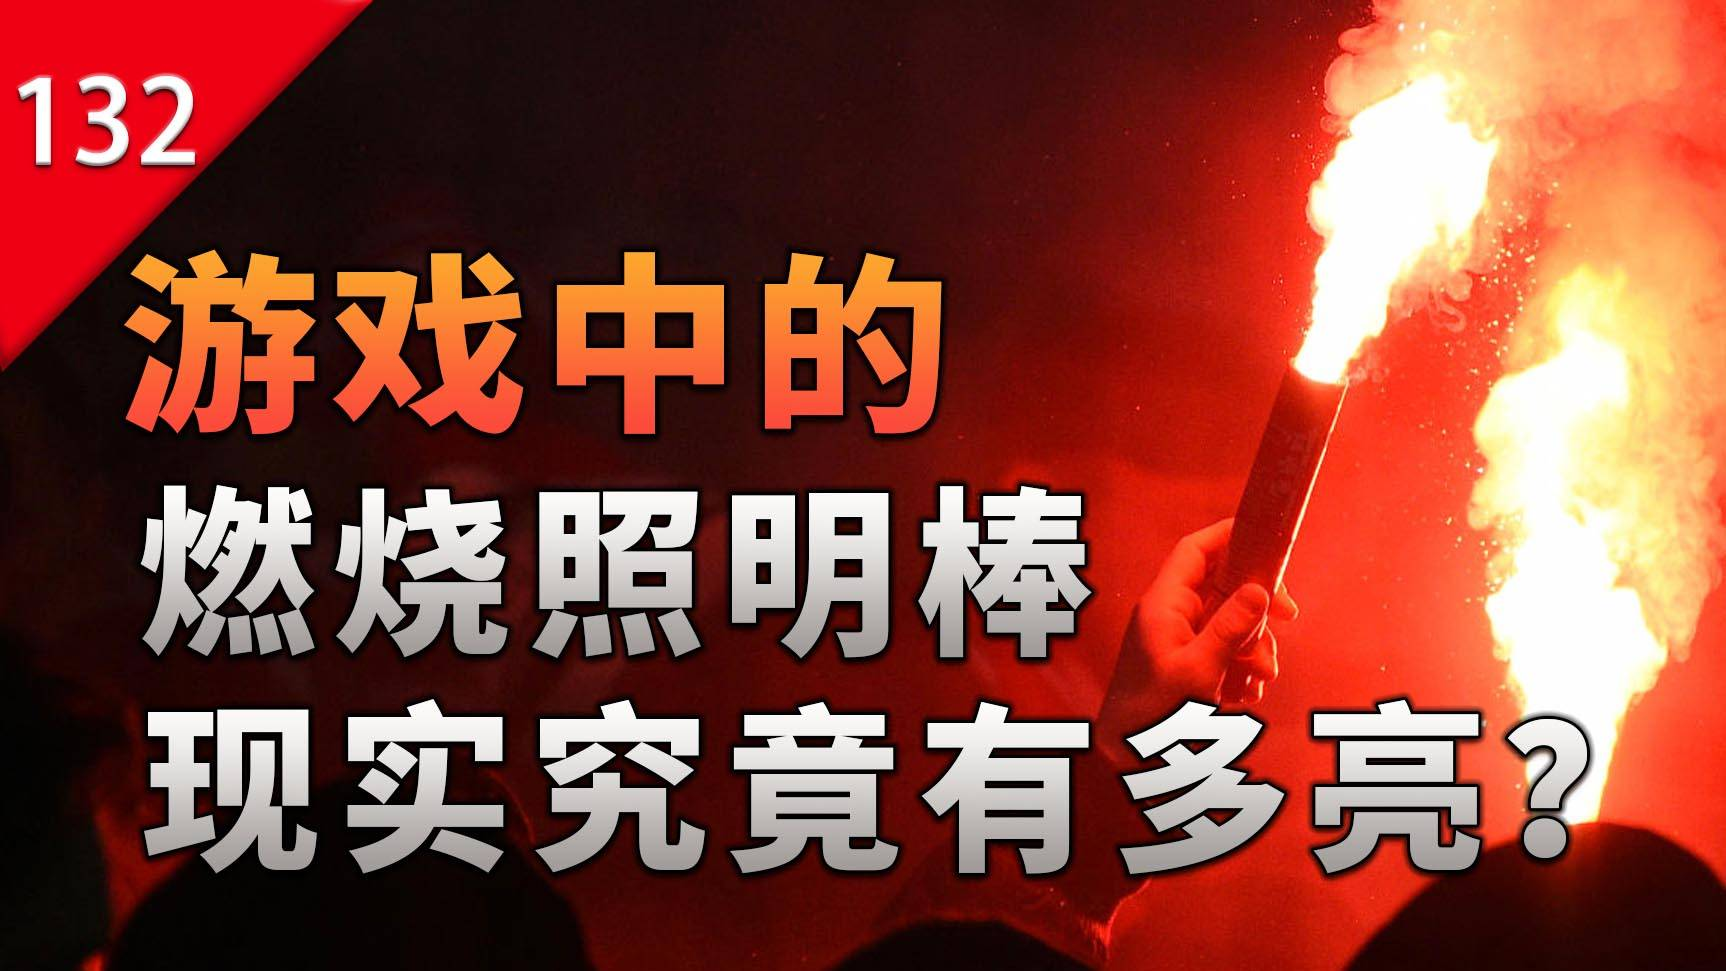 【不止游戏】游戏中的燃烧照明棒,现实究竟有多亮?